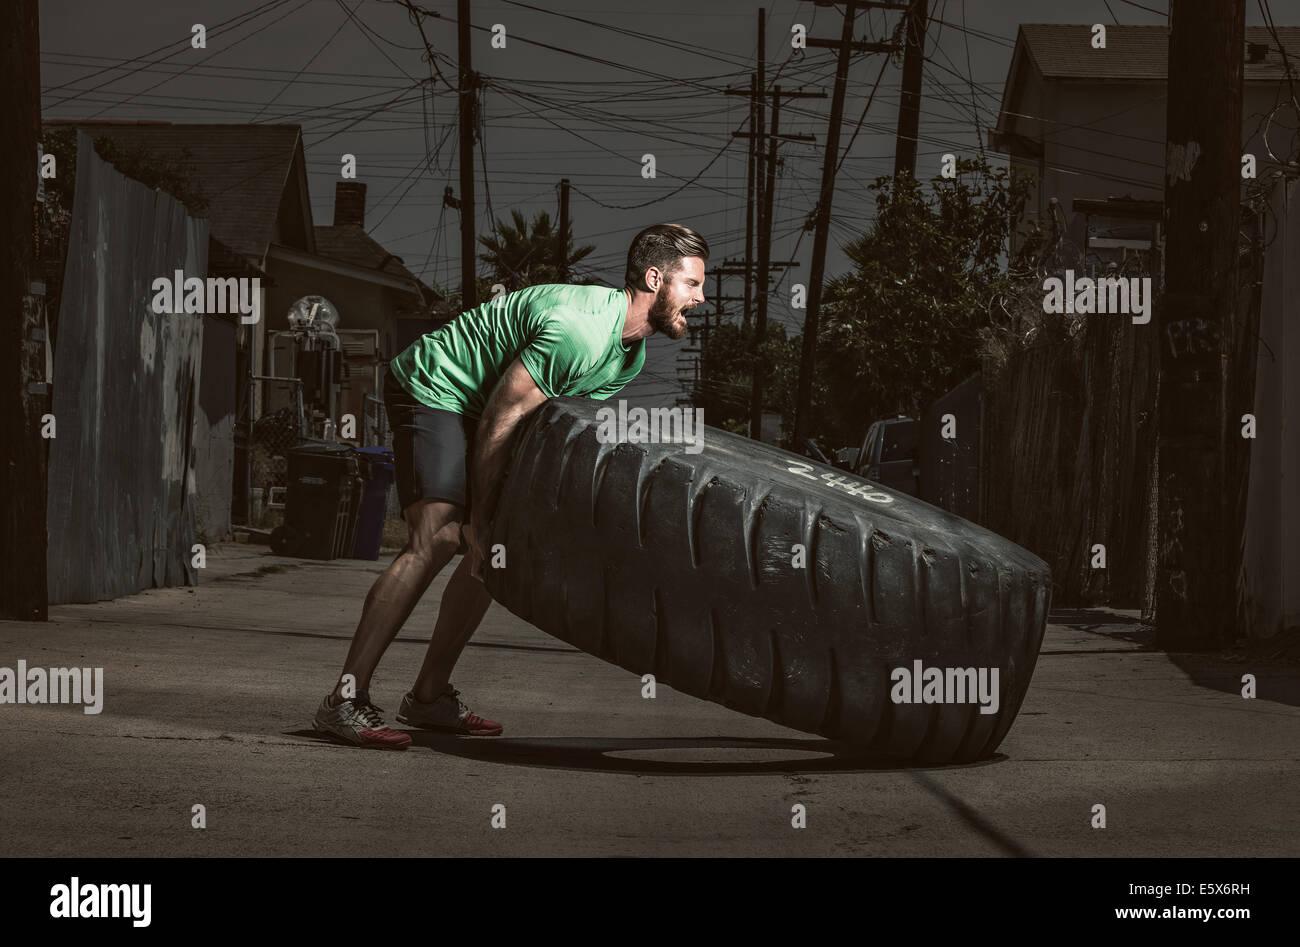 Junger Erwachsener Mann heben große Reifen Stockbild